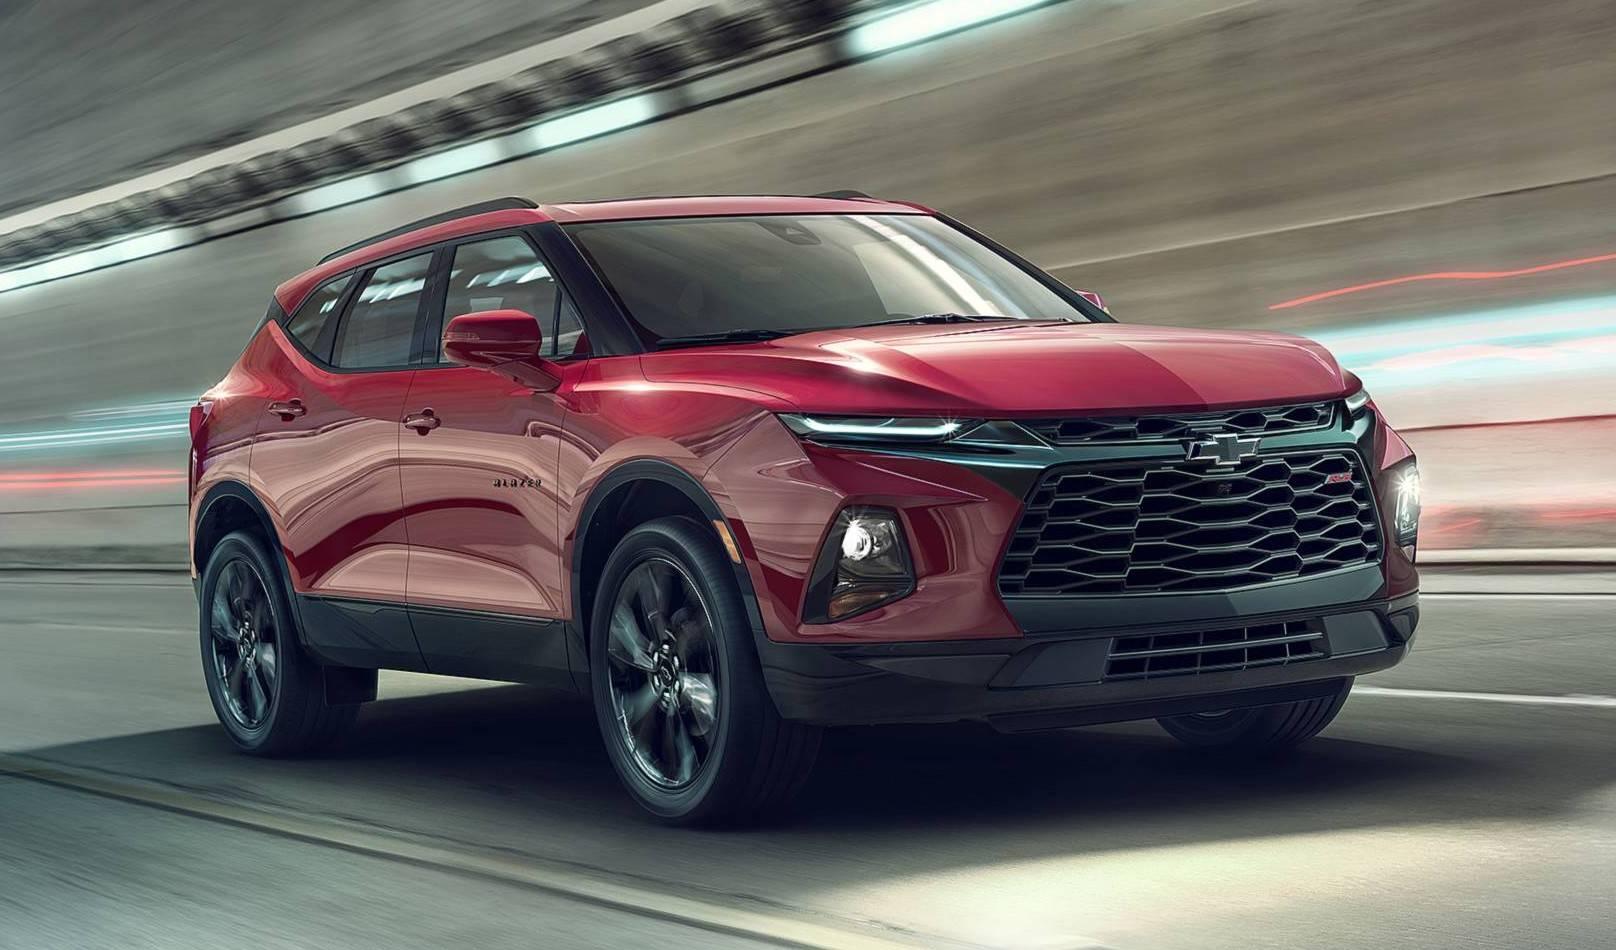 Nova geração da Blazer lançada nos EUA. Foto: Chevrolet/ Divulgação